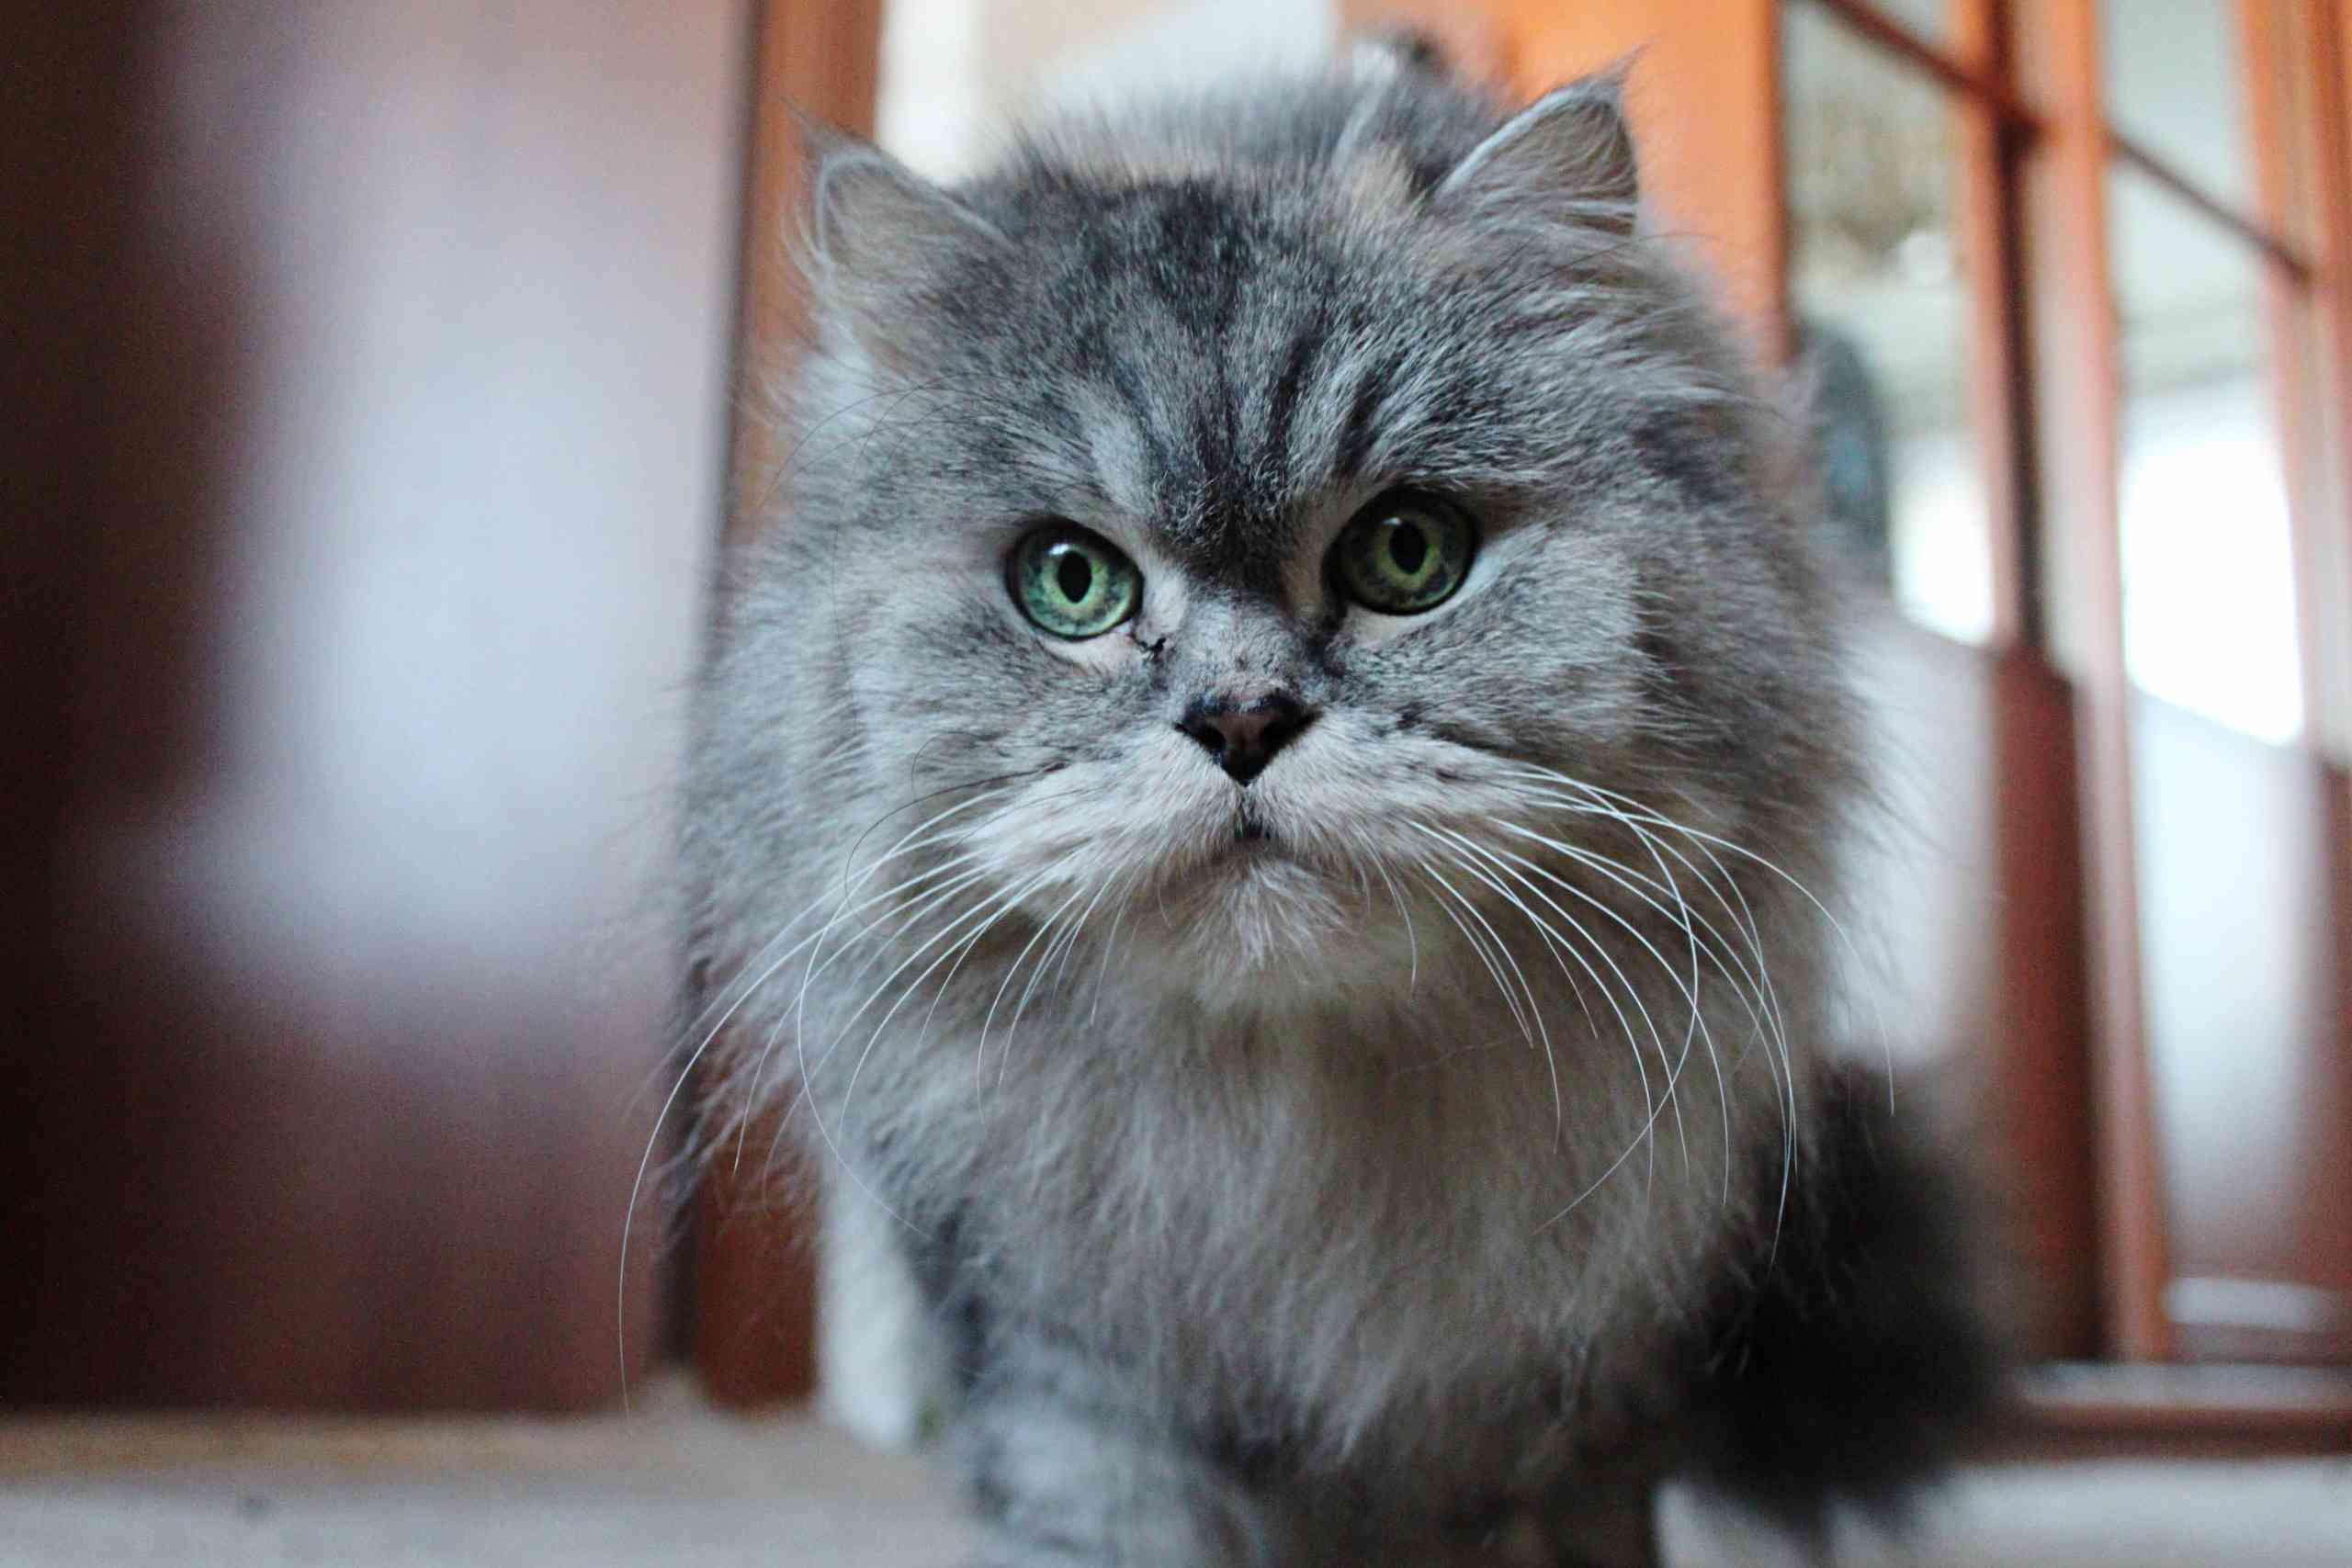 Gato persa gris con ojos verdes